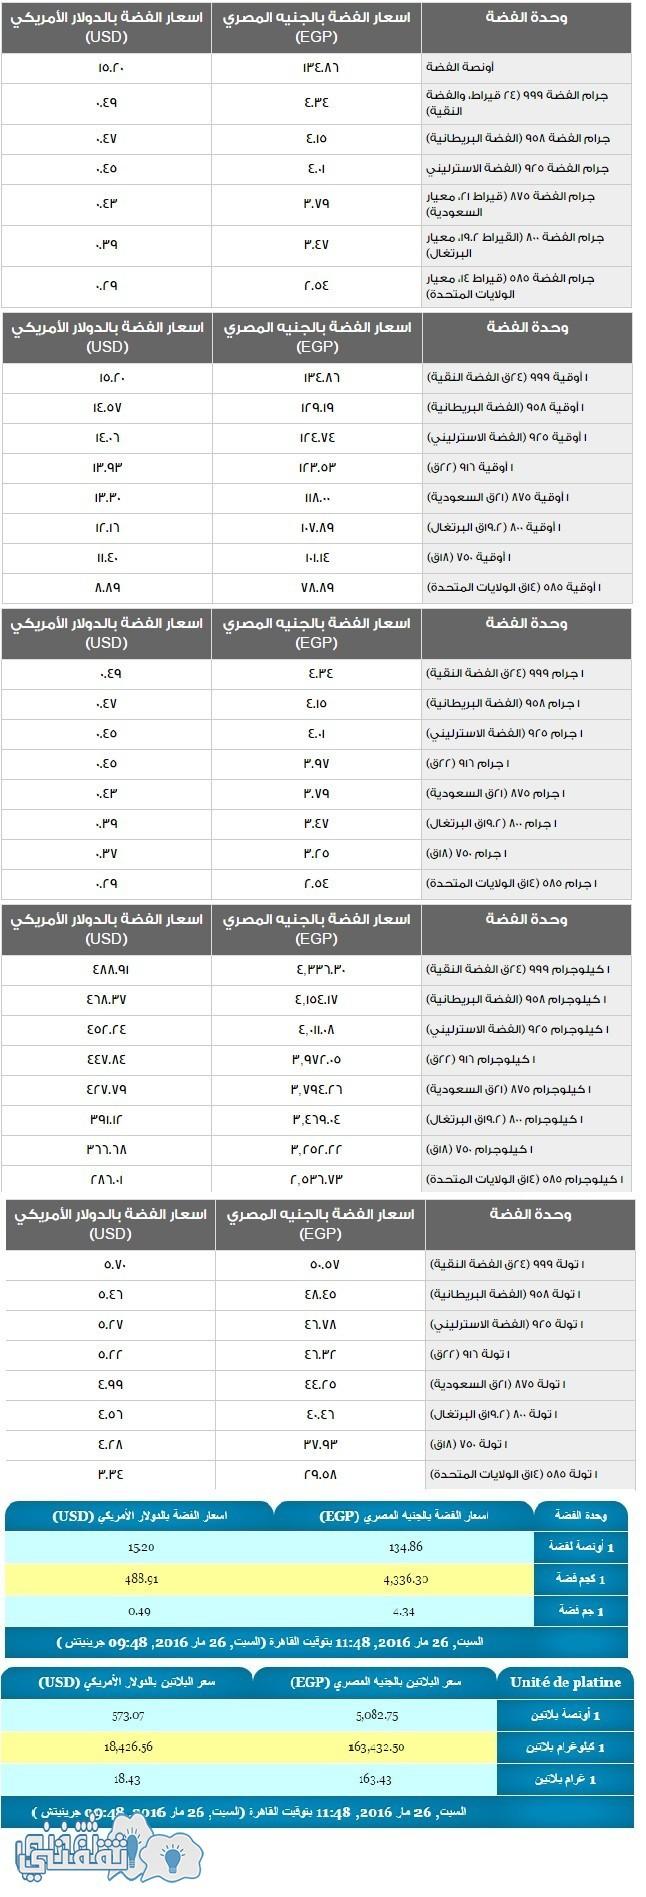 أسعار الفضة والبلاتين فى مصر اليوم السبت 26-3-2016